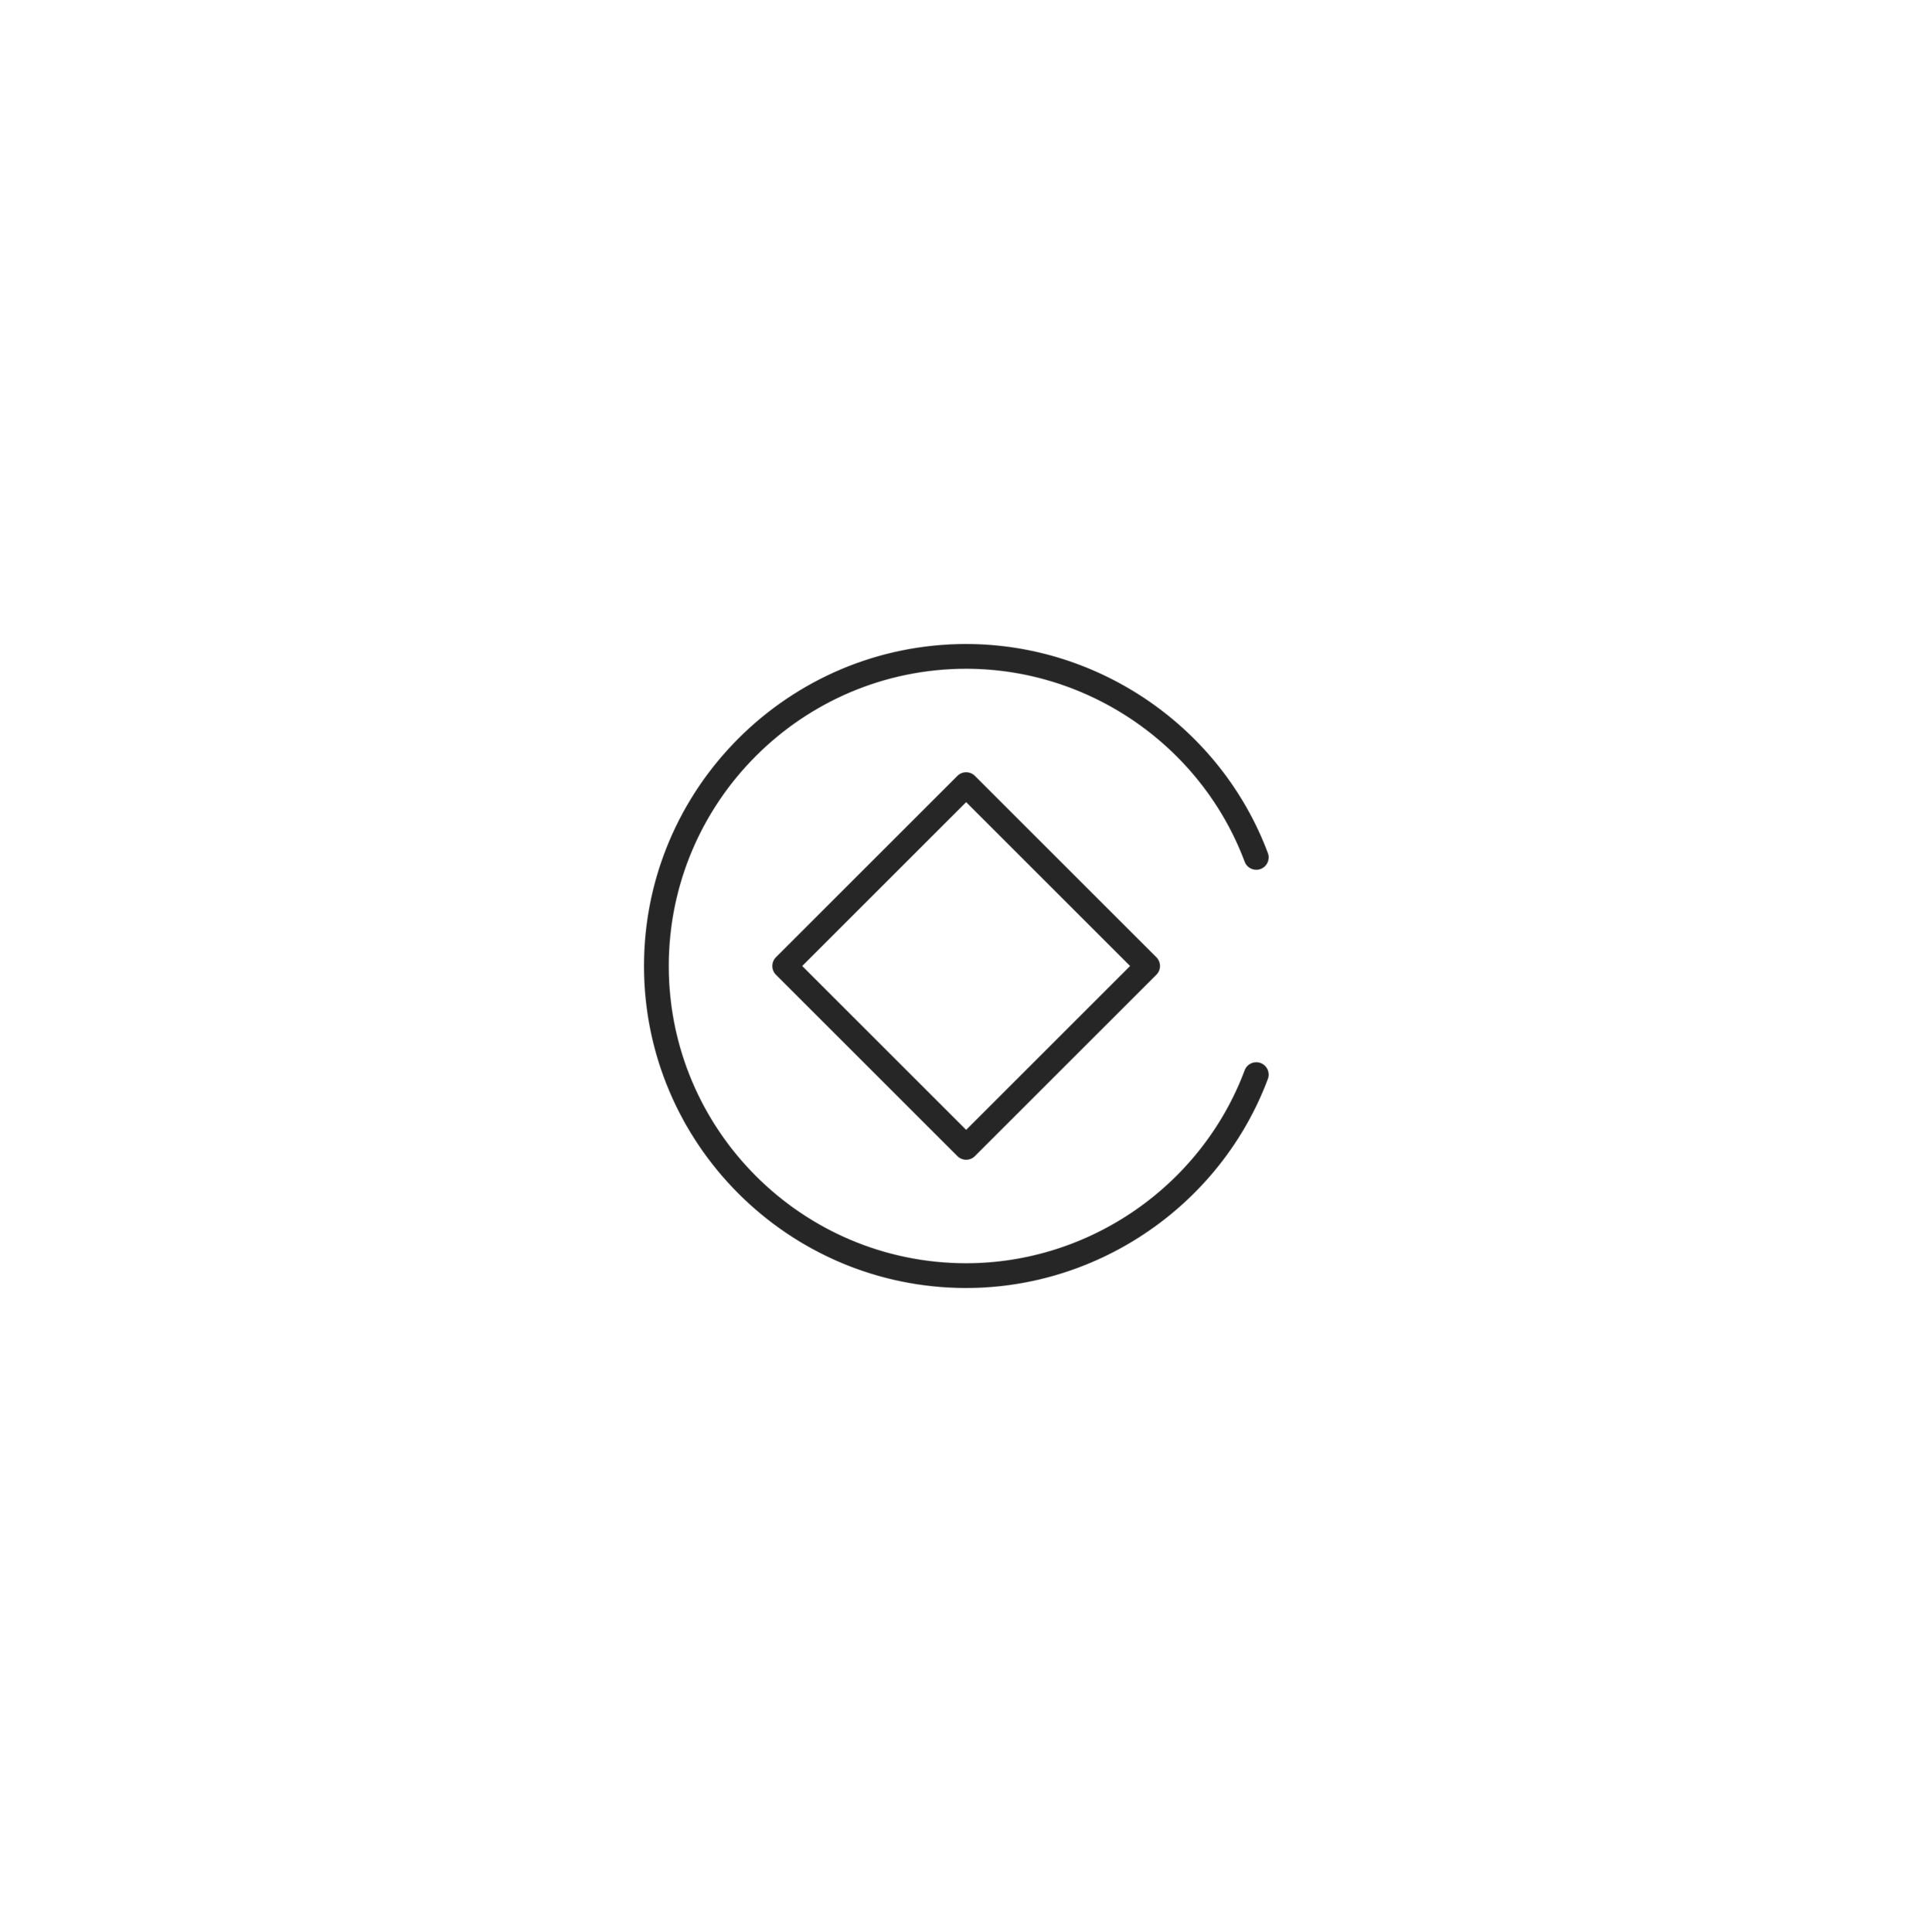 circle-logo-symbol-black.png